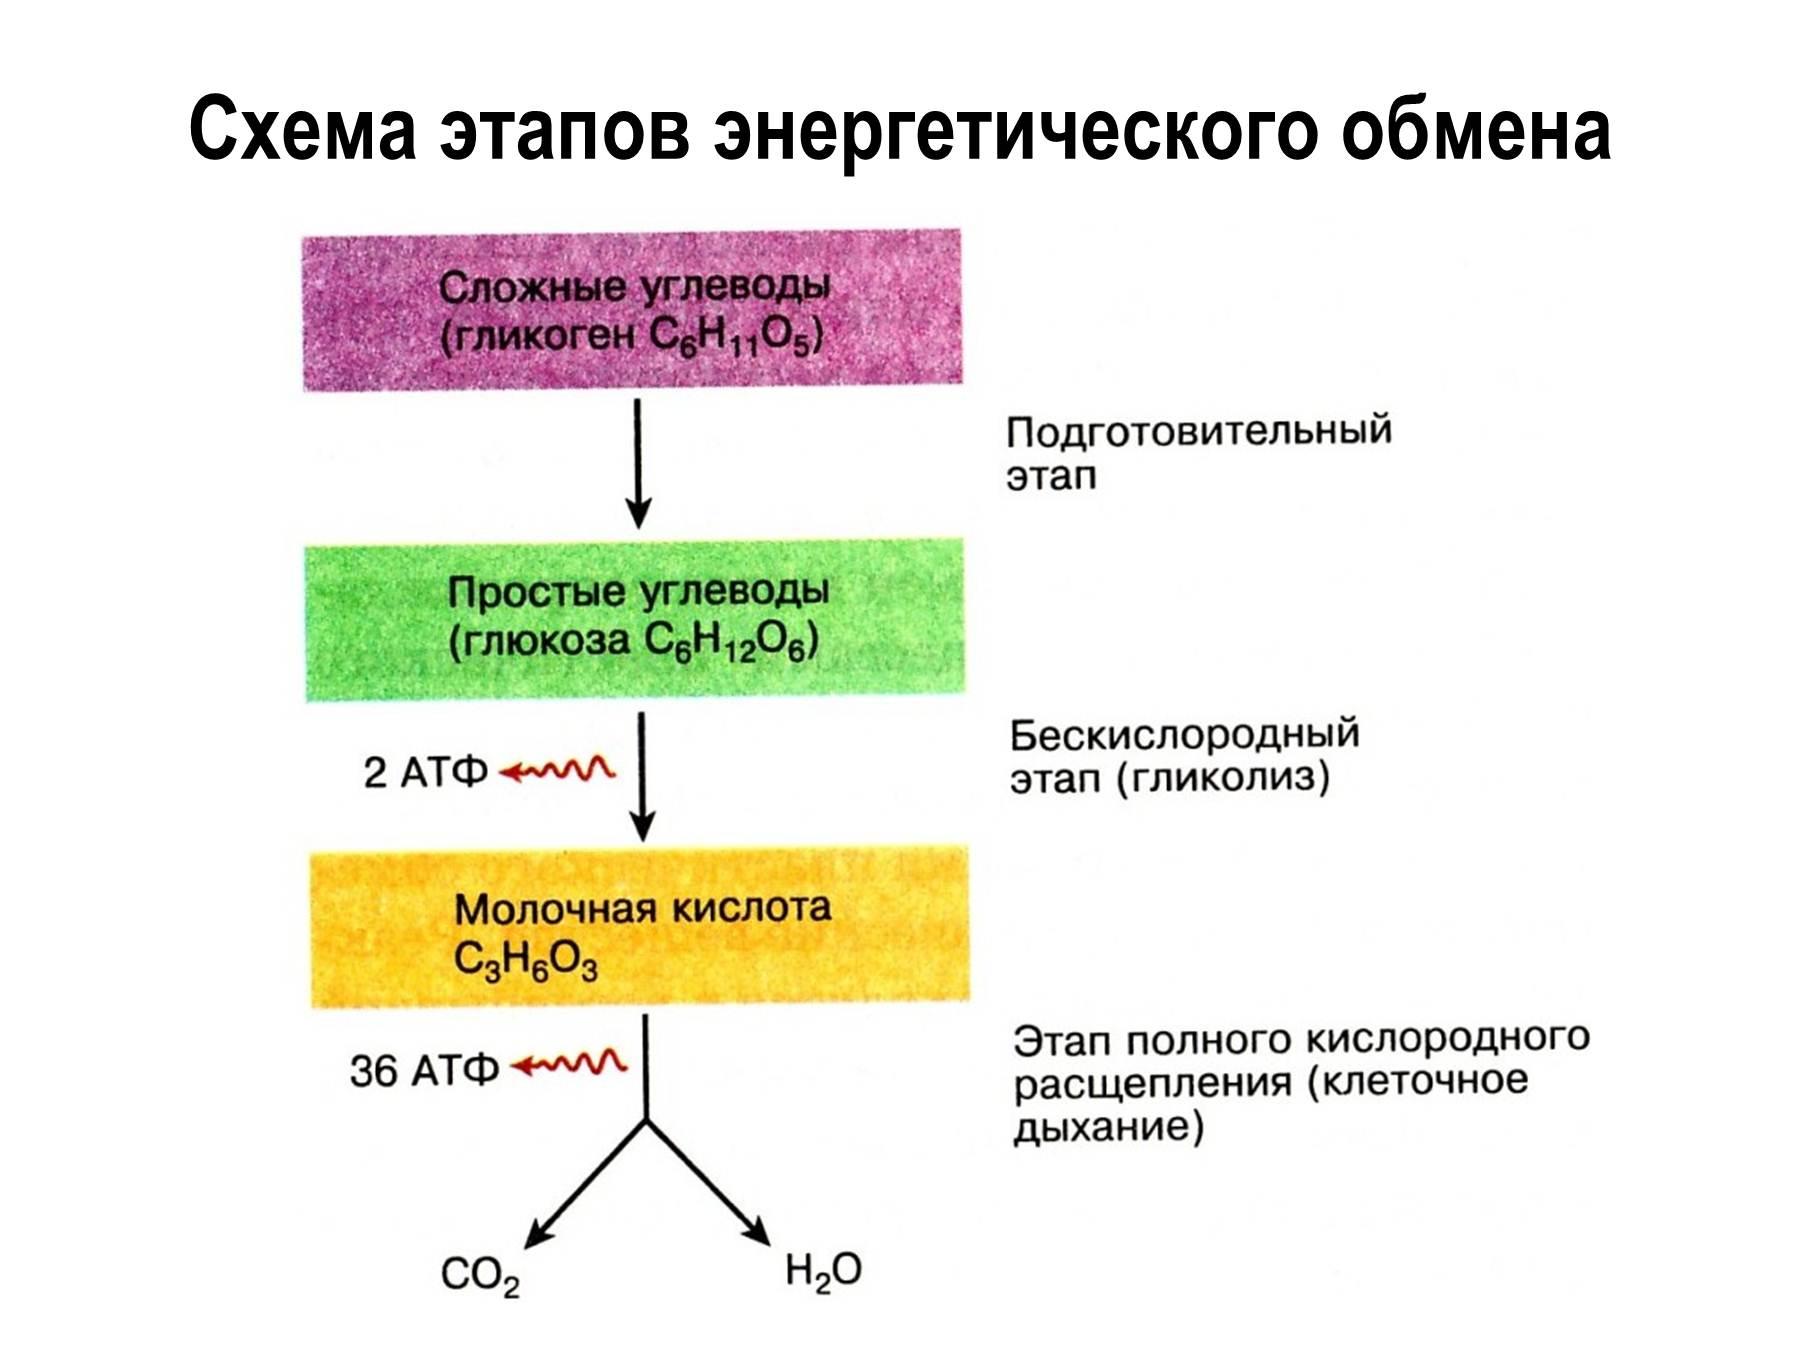 Почему фотосинтез относят к пластическому обмену